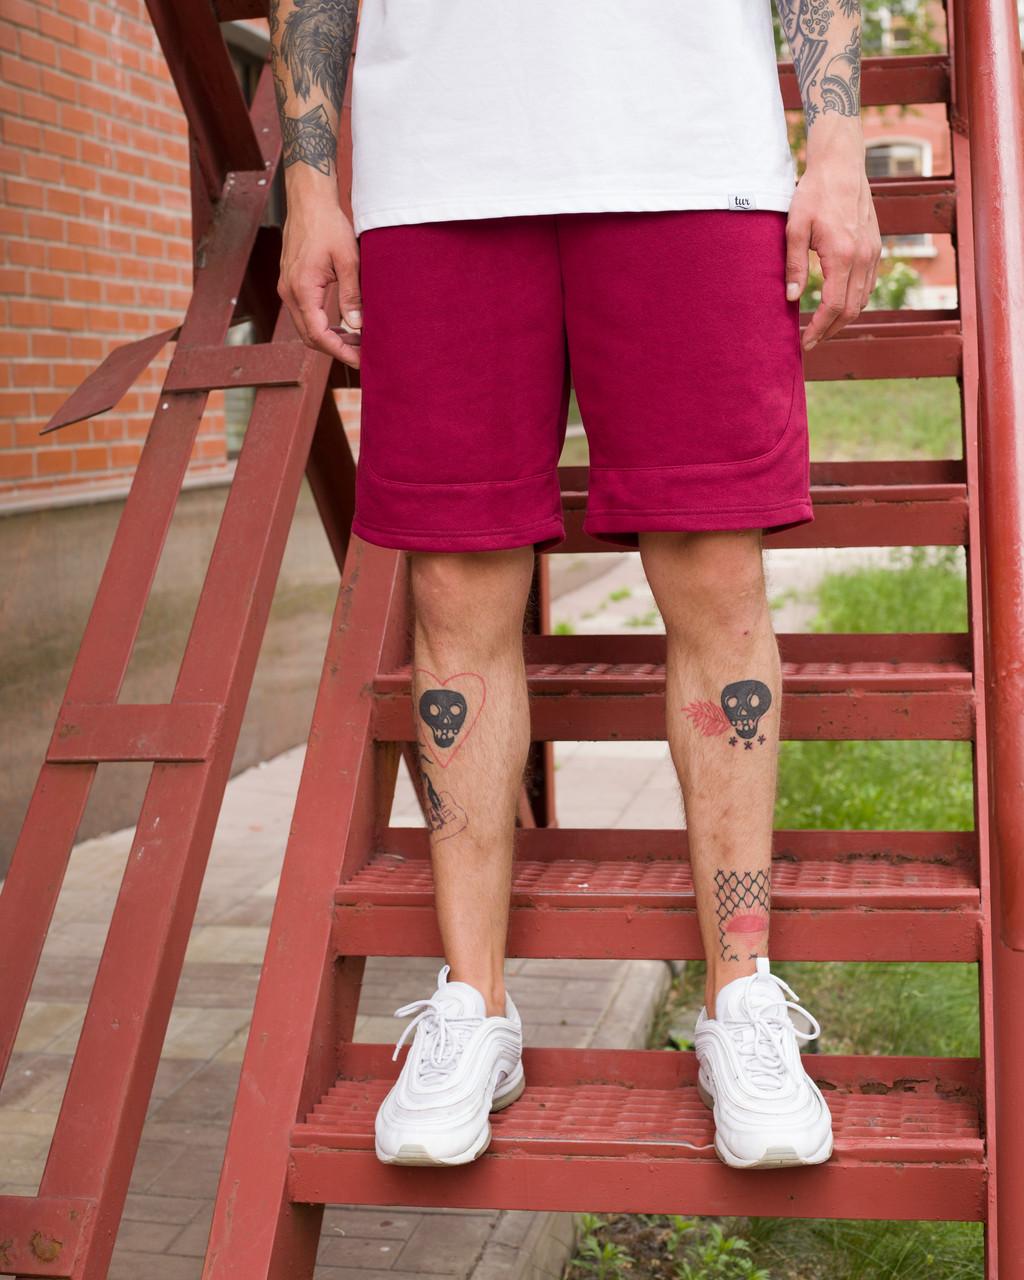 Шорты мужские бордового цвета от бренда ТУР модель Сем (Sam) размер S, M, L, XL, фото 1